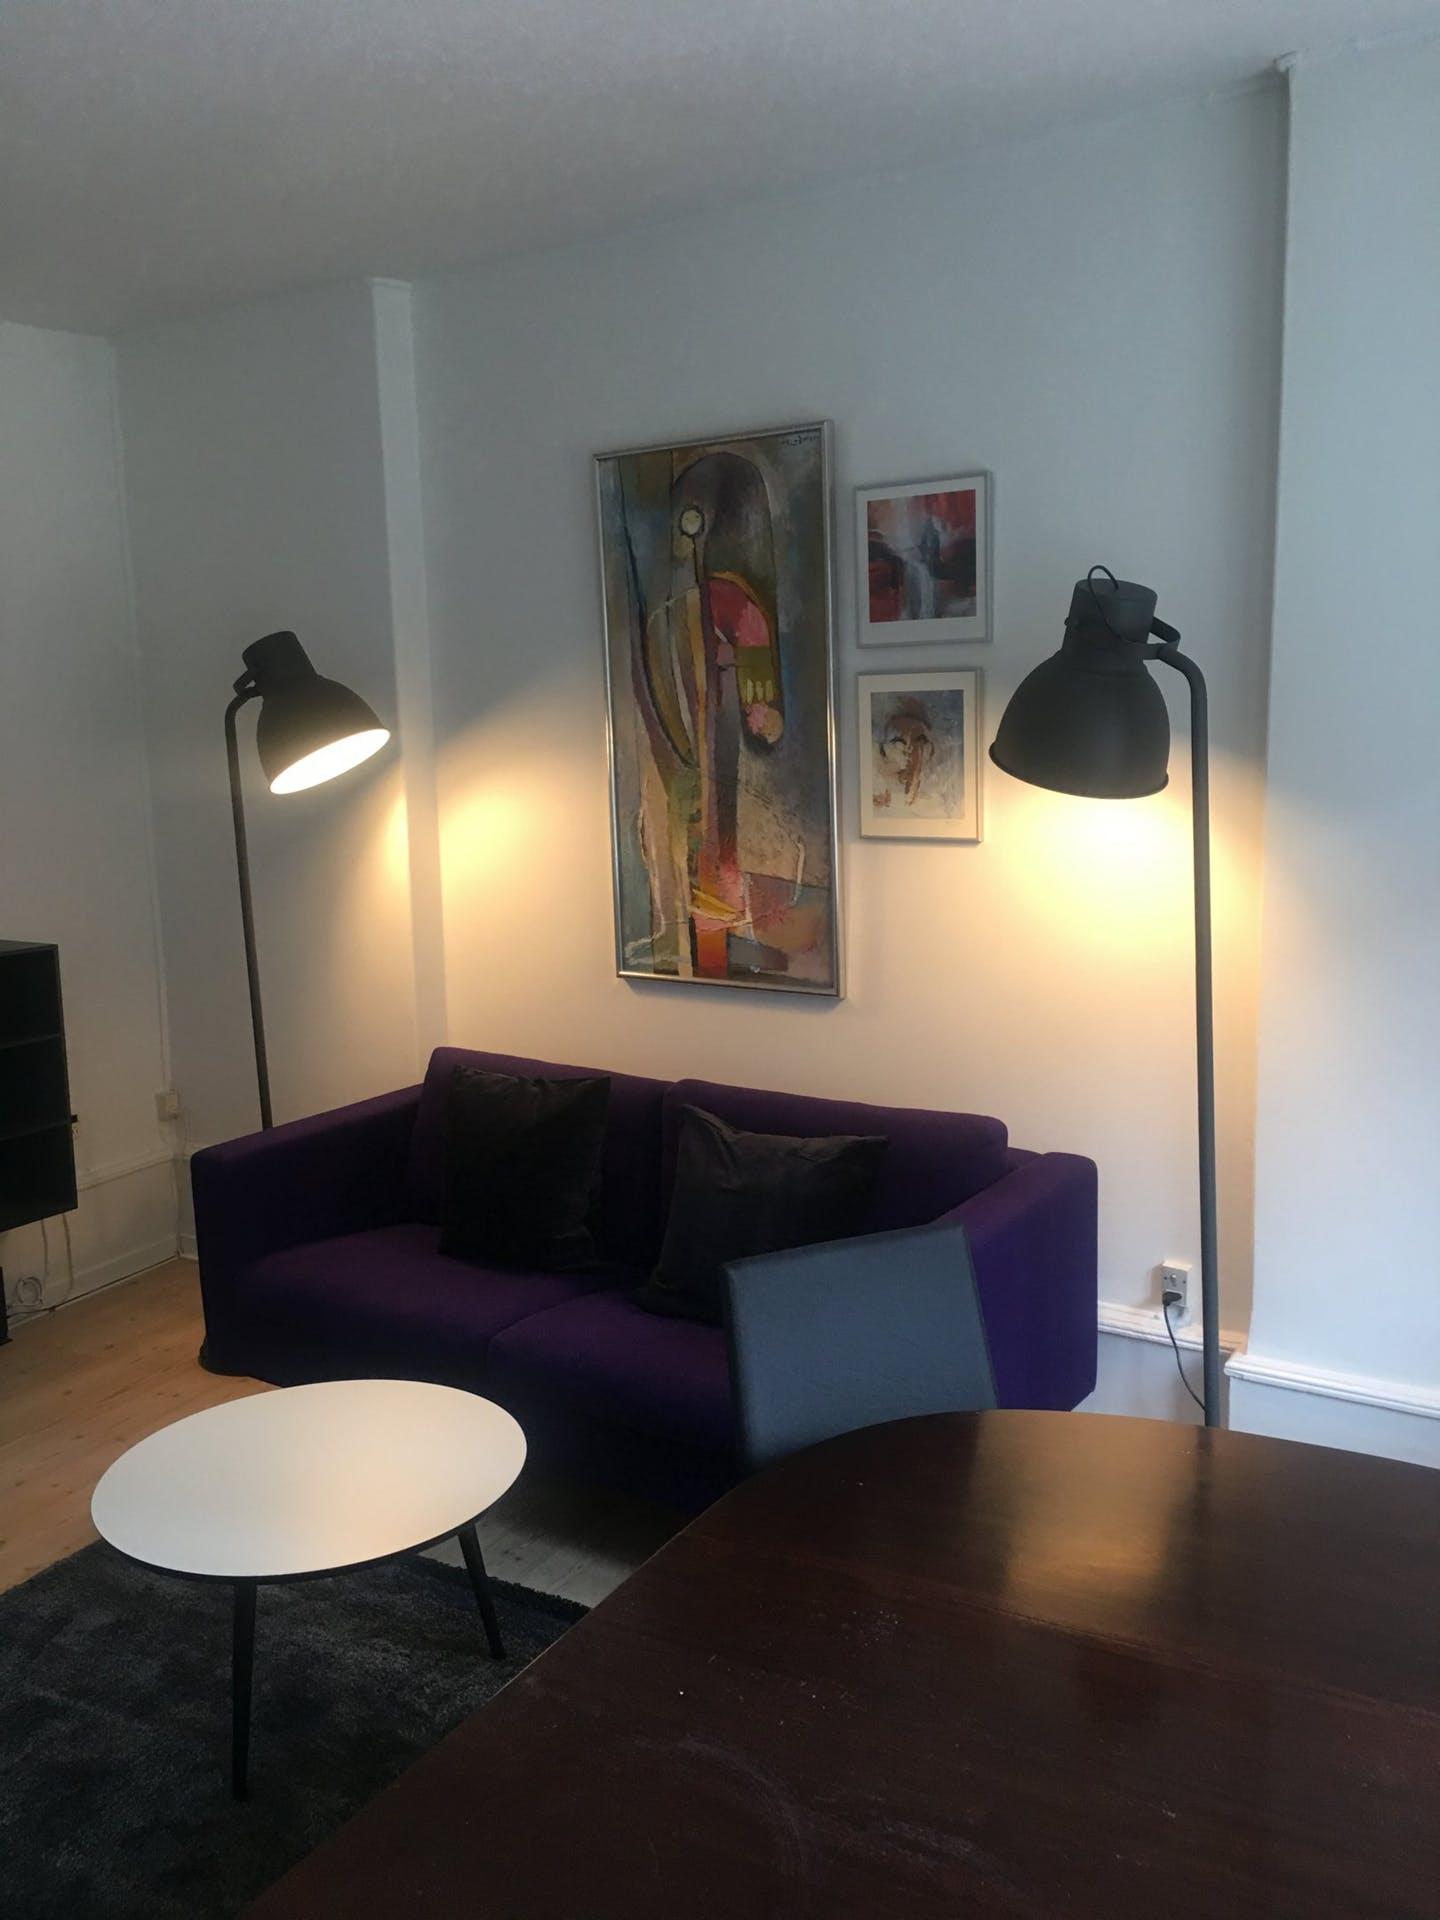 Sofa at Nørrebrogade Apartments, Nørrebro, Copenhagen